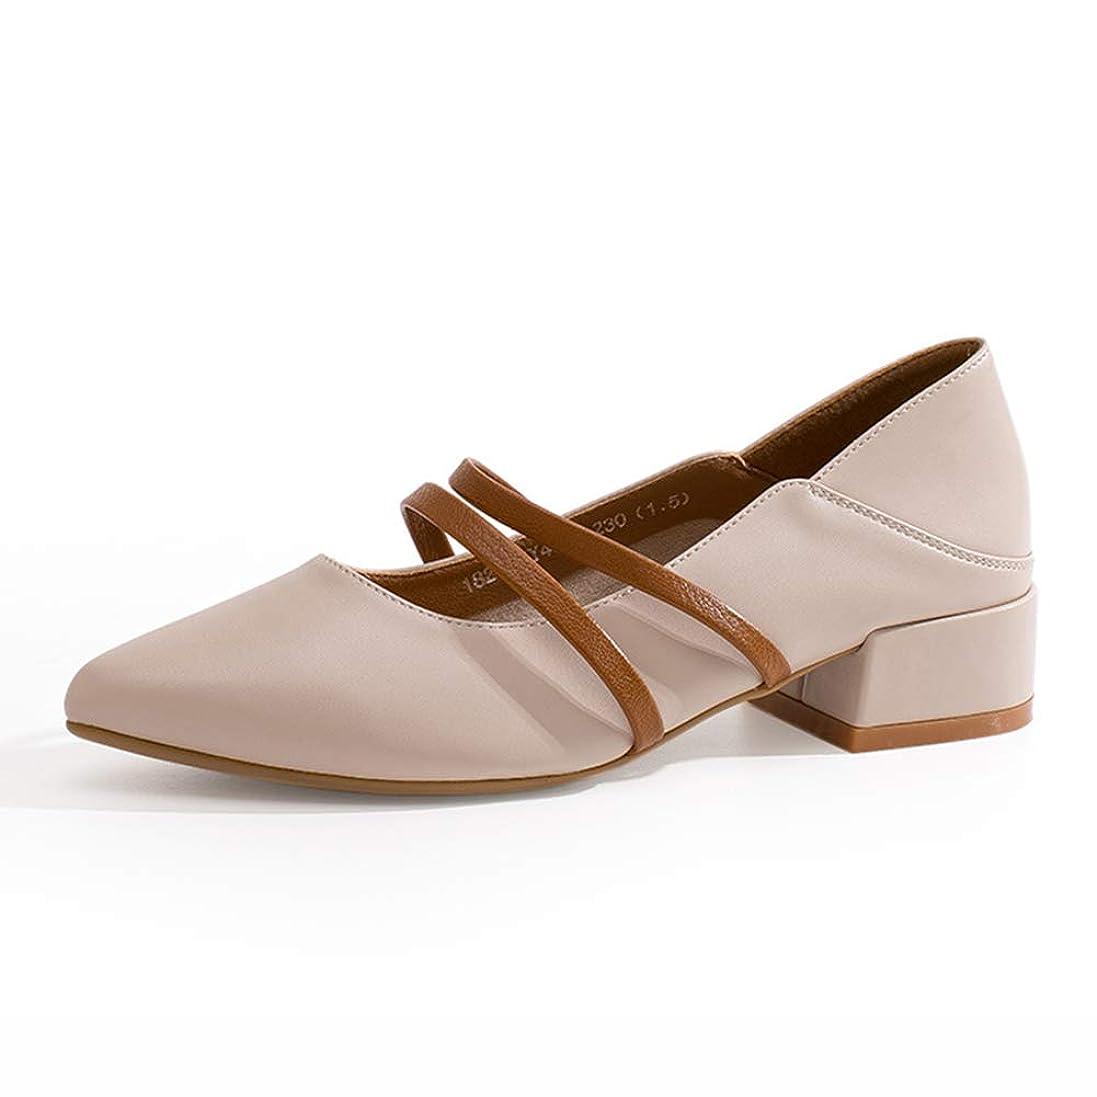 幸運なことに重さのホストHWF レディースシューズ 女性の靴PUレザーカジュアル快適なファッション浅い口の運転靴、ヒールの高さ3.3cm (色 : ベージュ, サイズ さいず : 38)